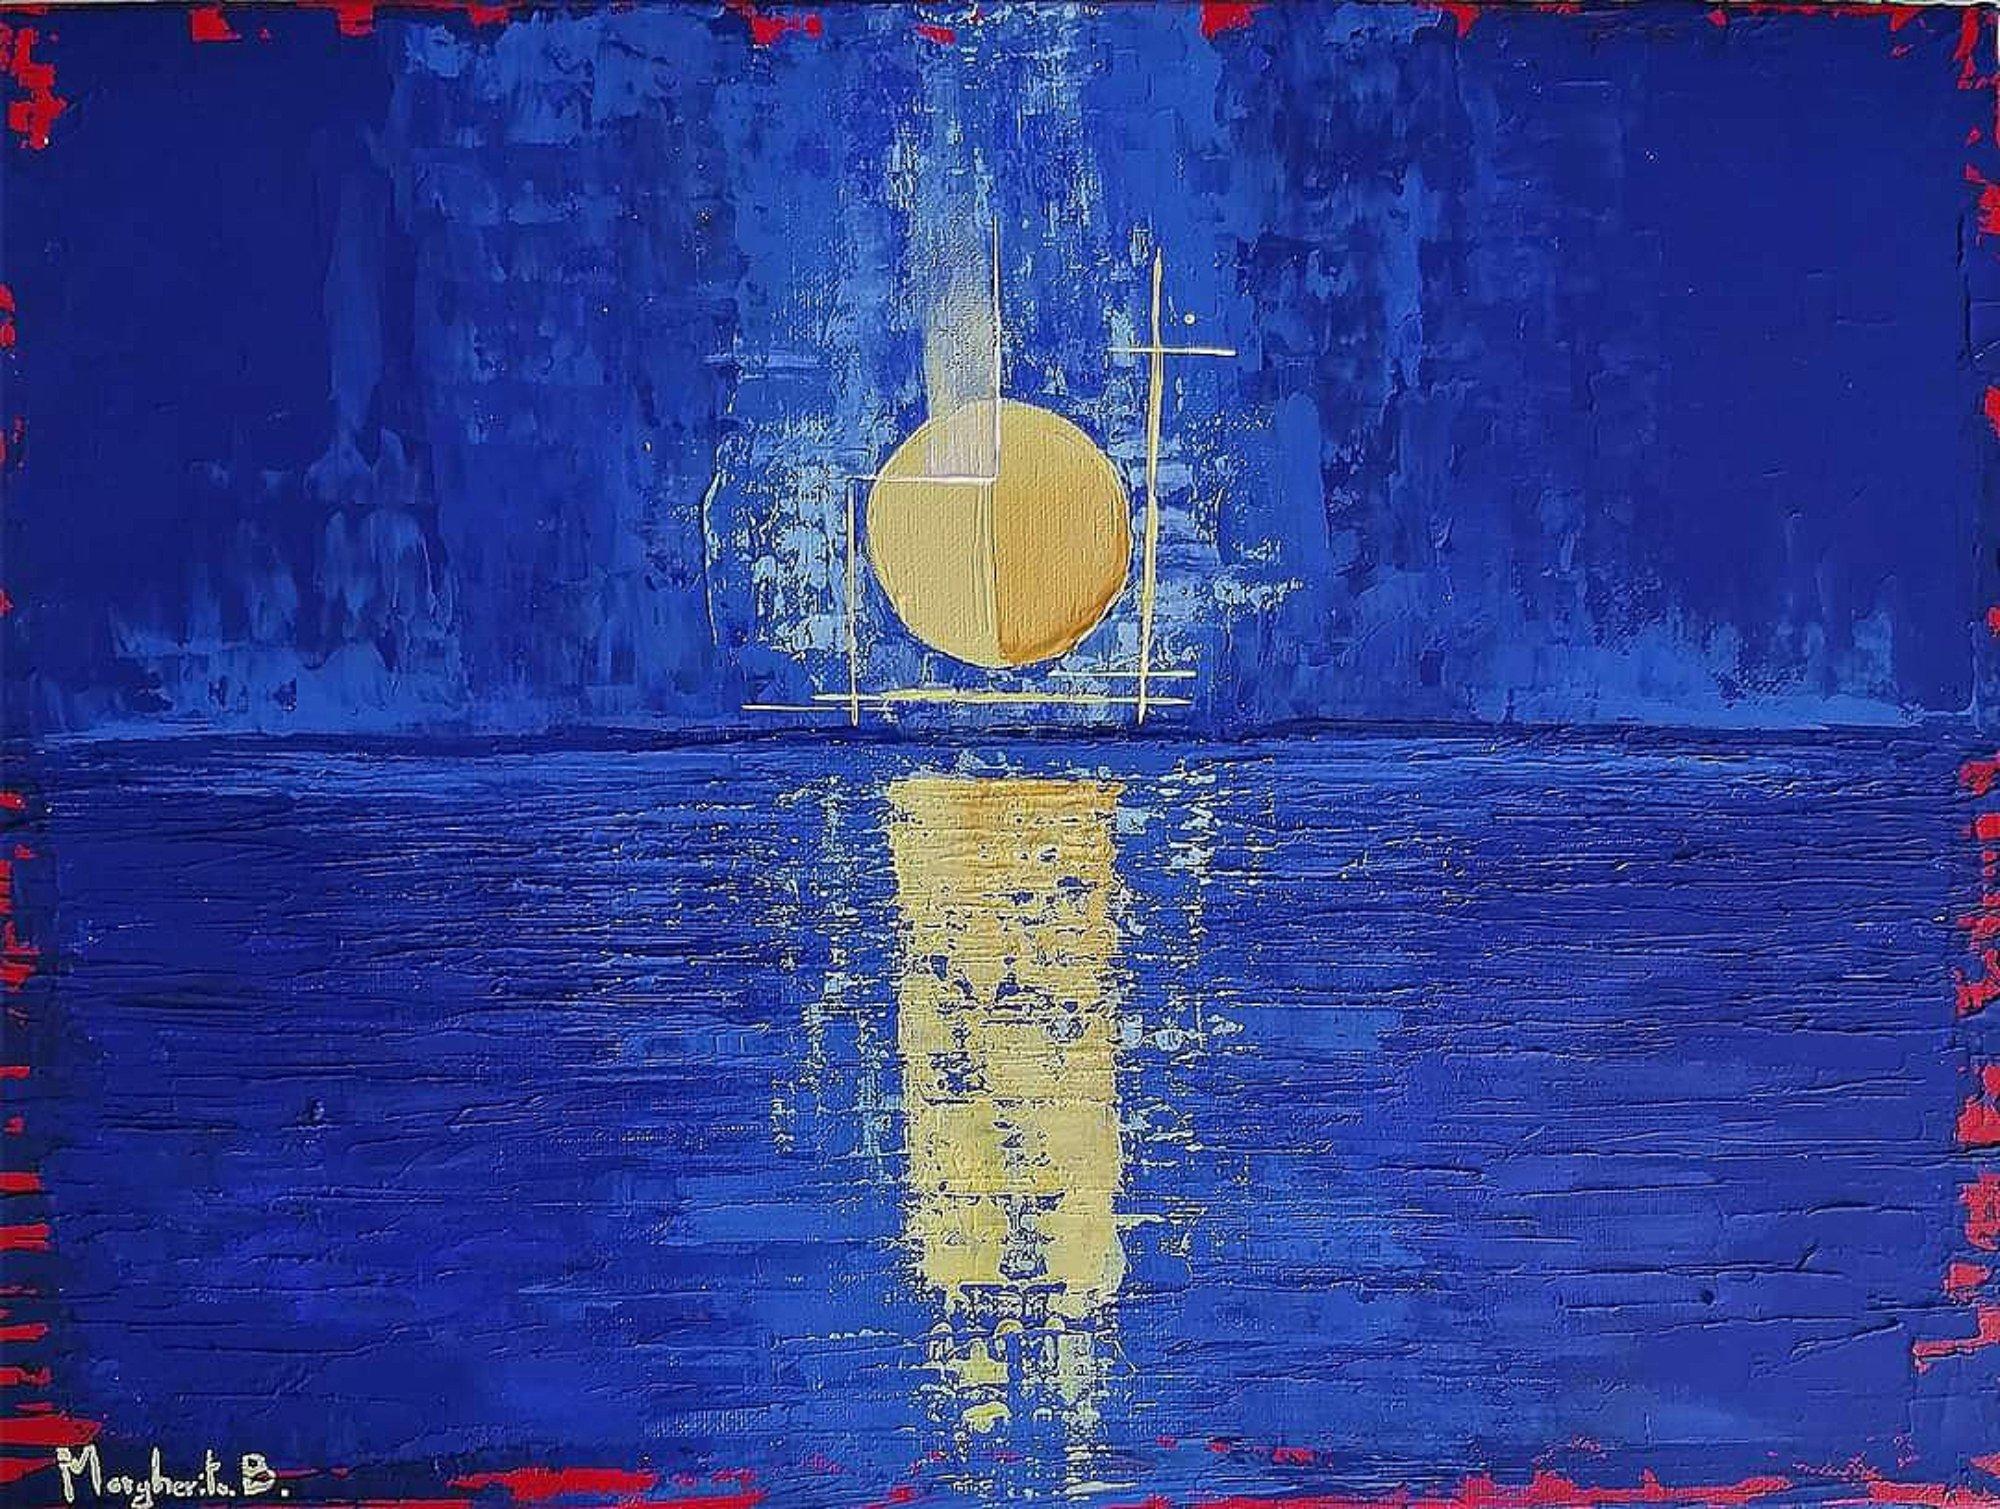 L'Angolo di Marta Lock: I paesaggi scolpiti nell'anima del Minimalismo Neoimpressionista di Margheri